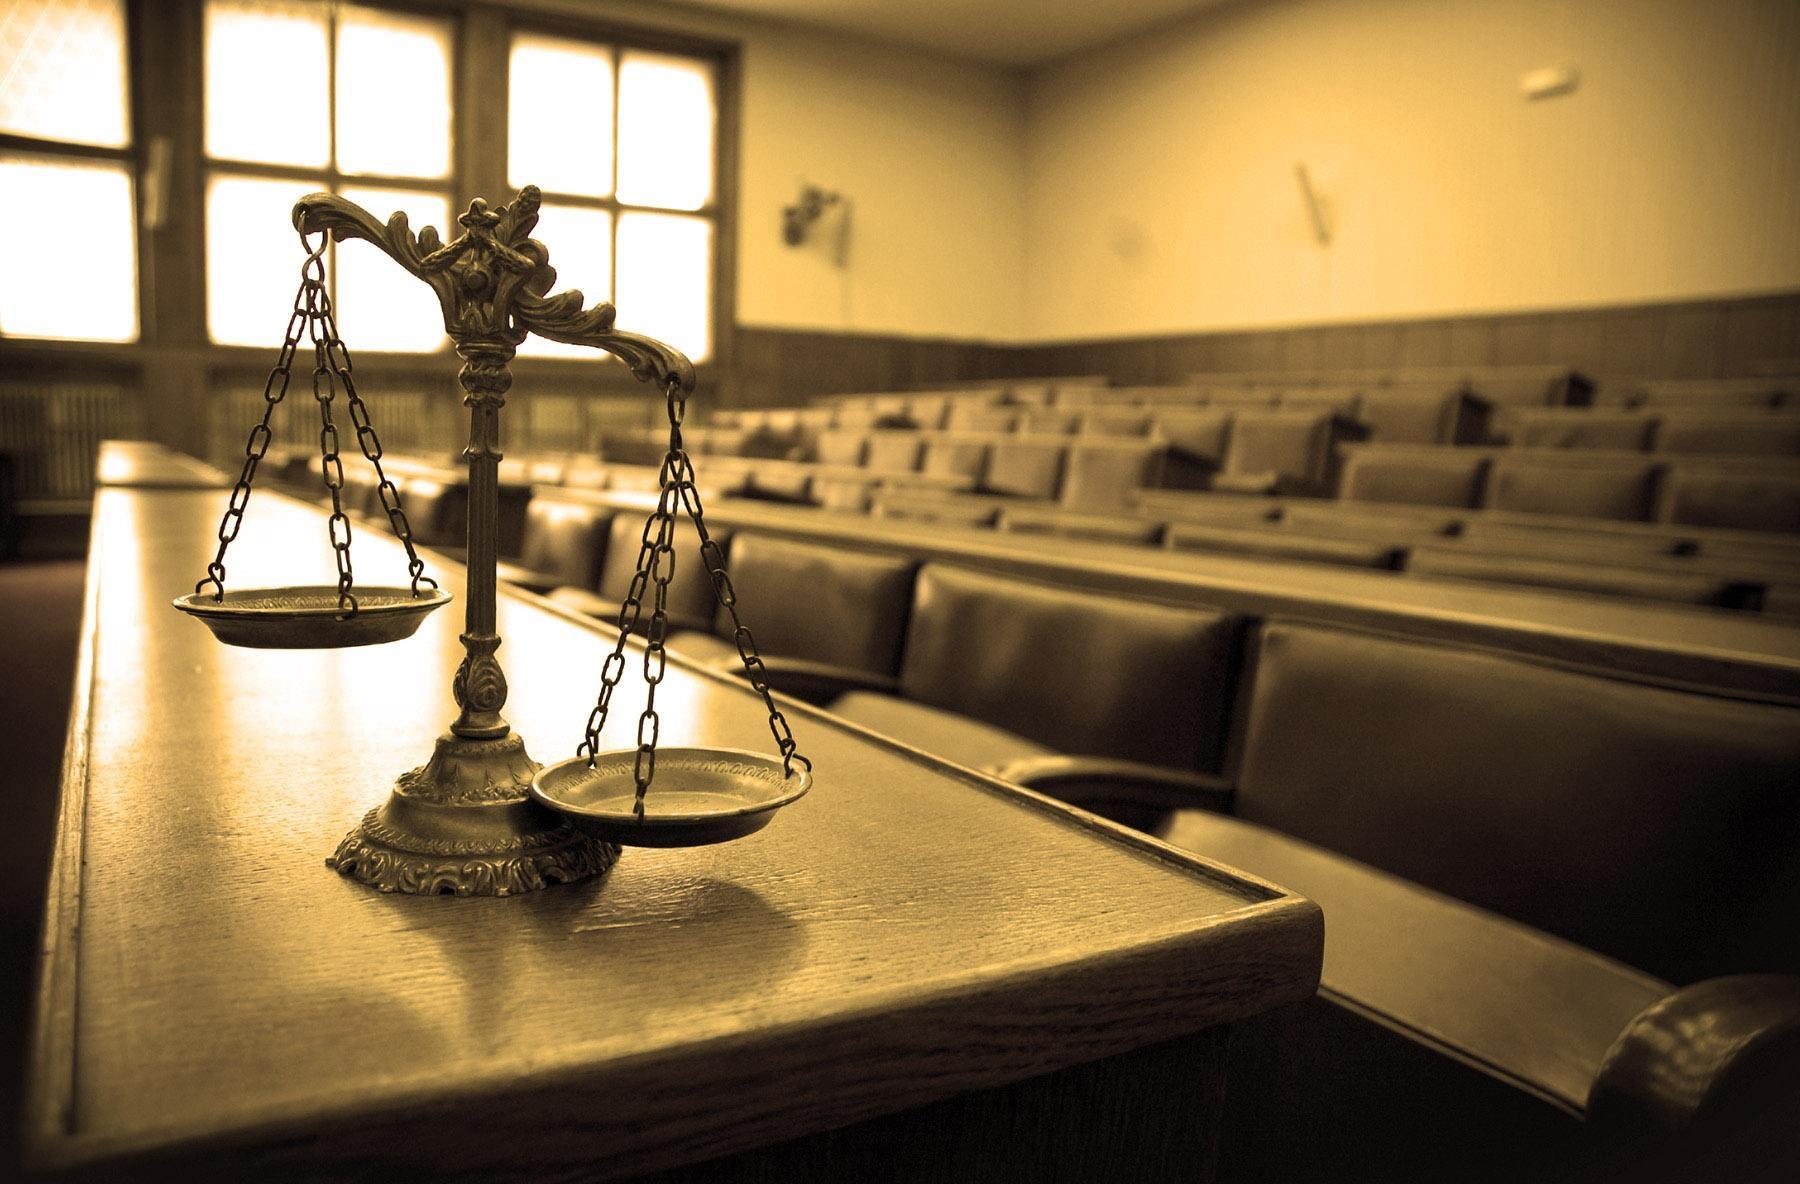 Подсудимый: Выводы суда либо противоречат закону, либо опровергаются материалами дела